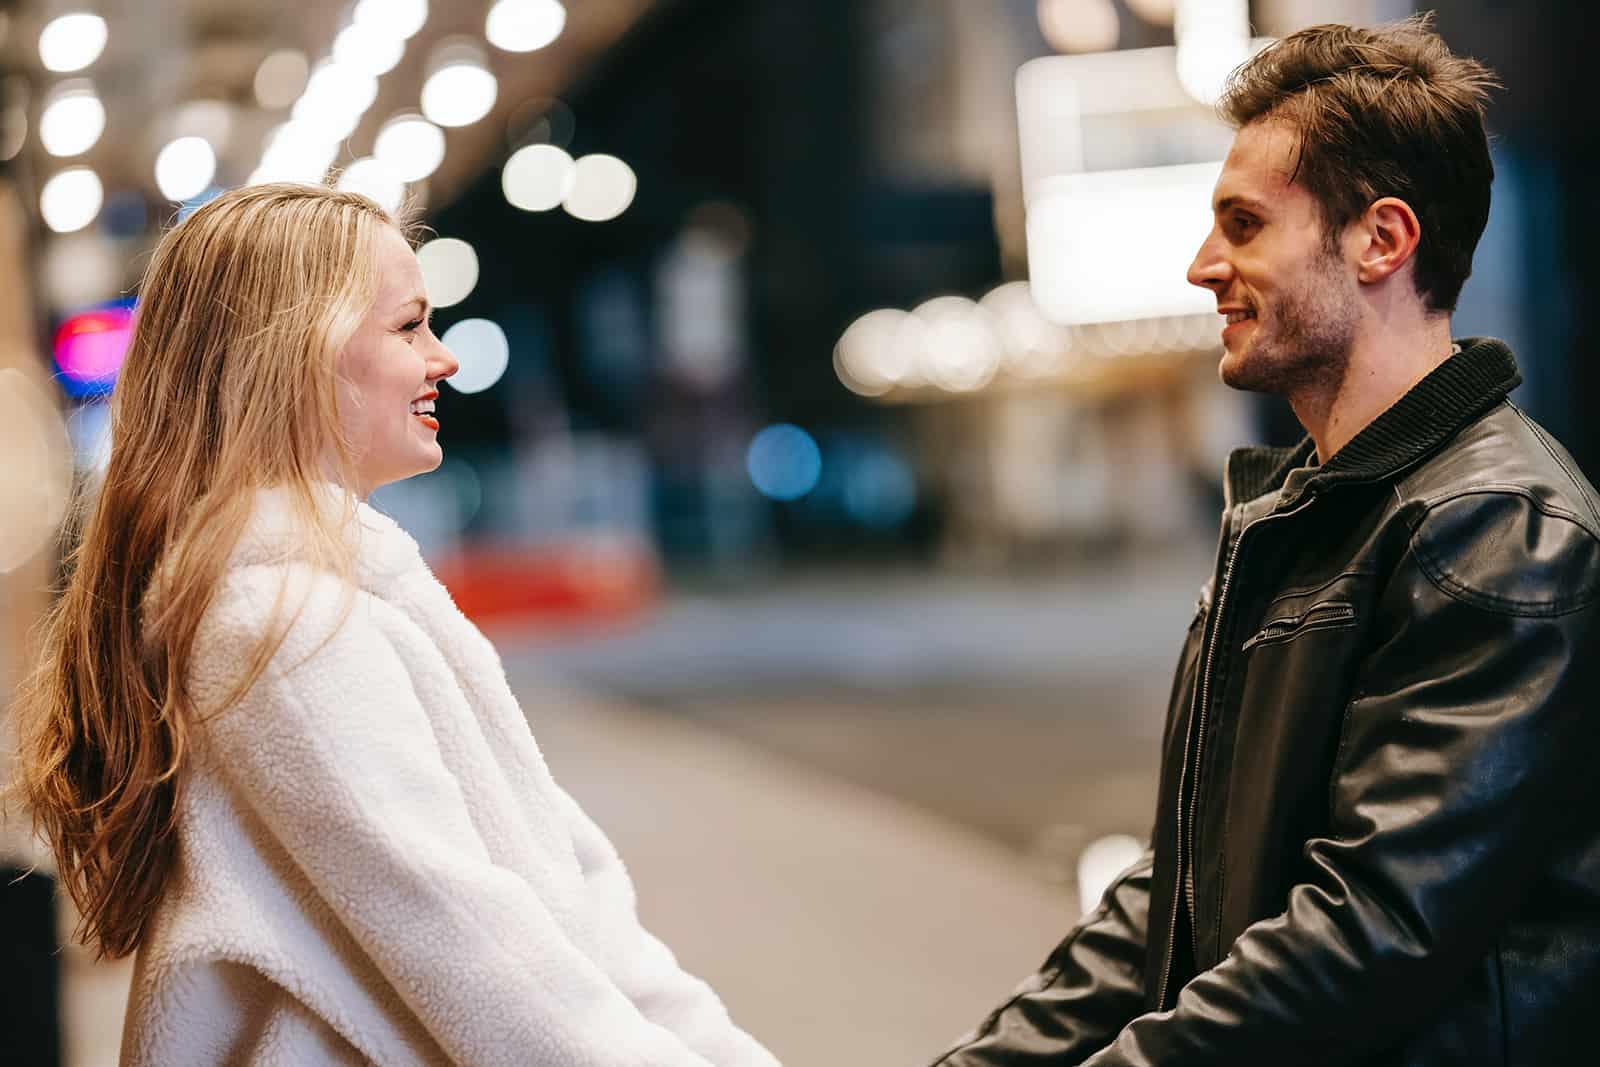 un couple amoureux se regardant et se tenant la main